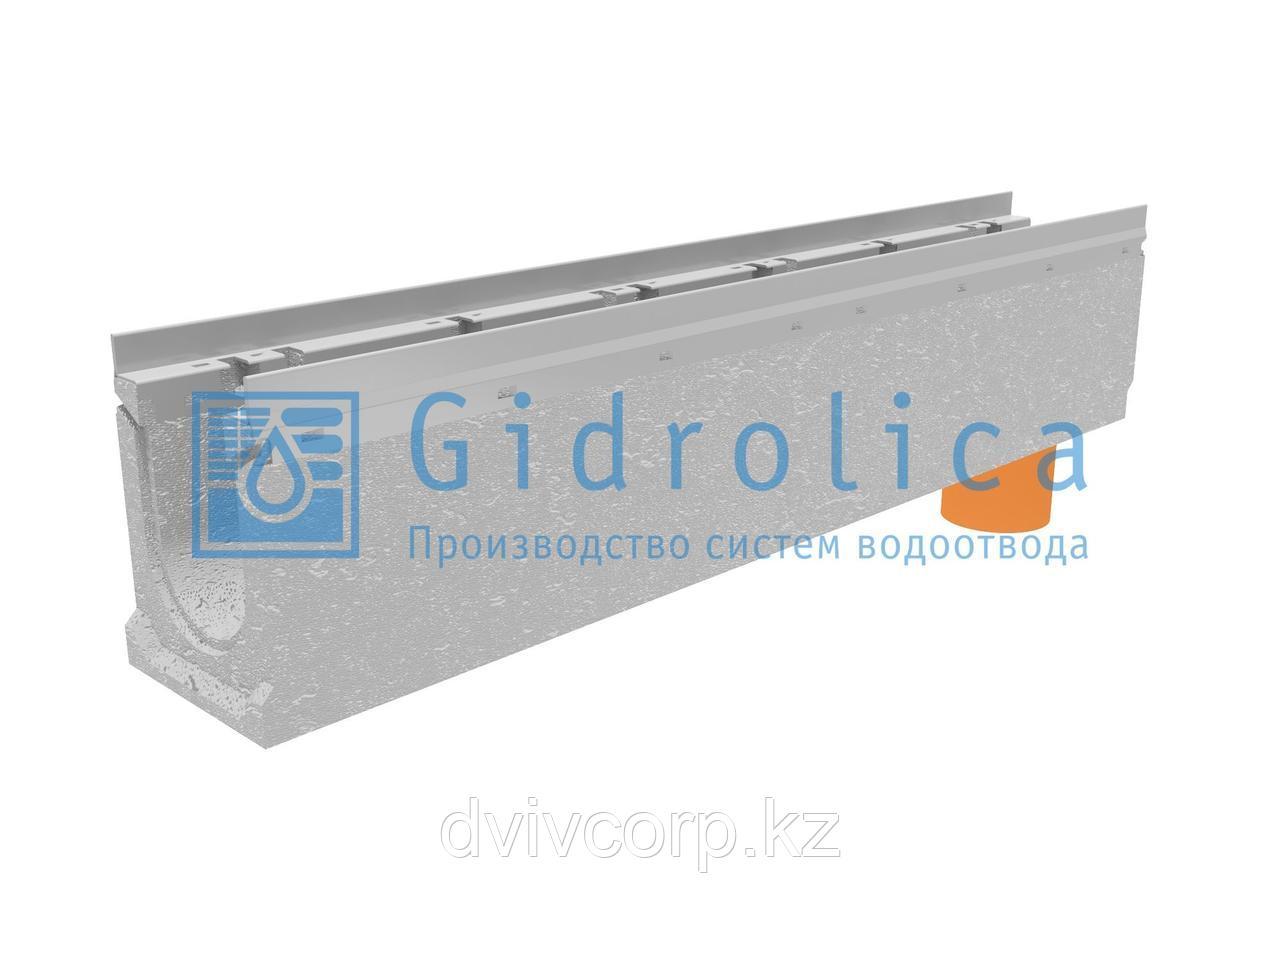 Лоток водоотводный бетонный коробчатый (СО-100мм), с оцинкованной насадкой, с водосливом КUв 100.16,3